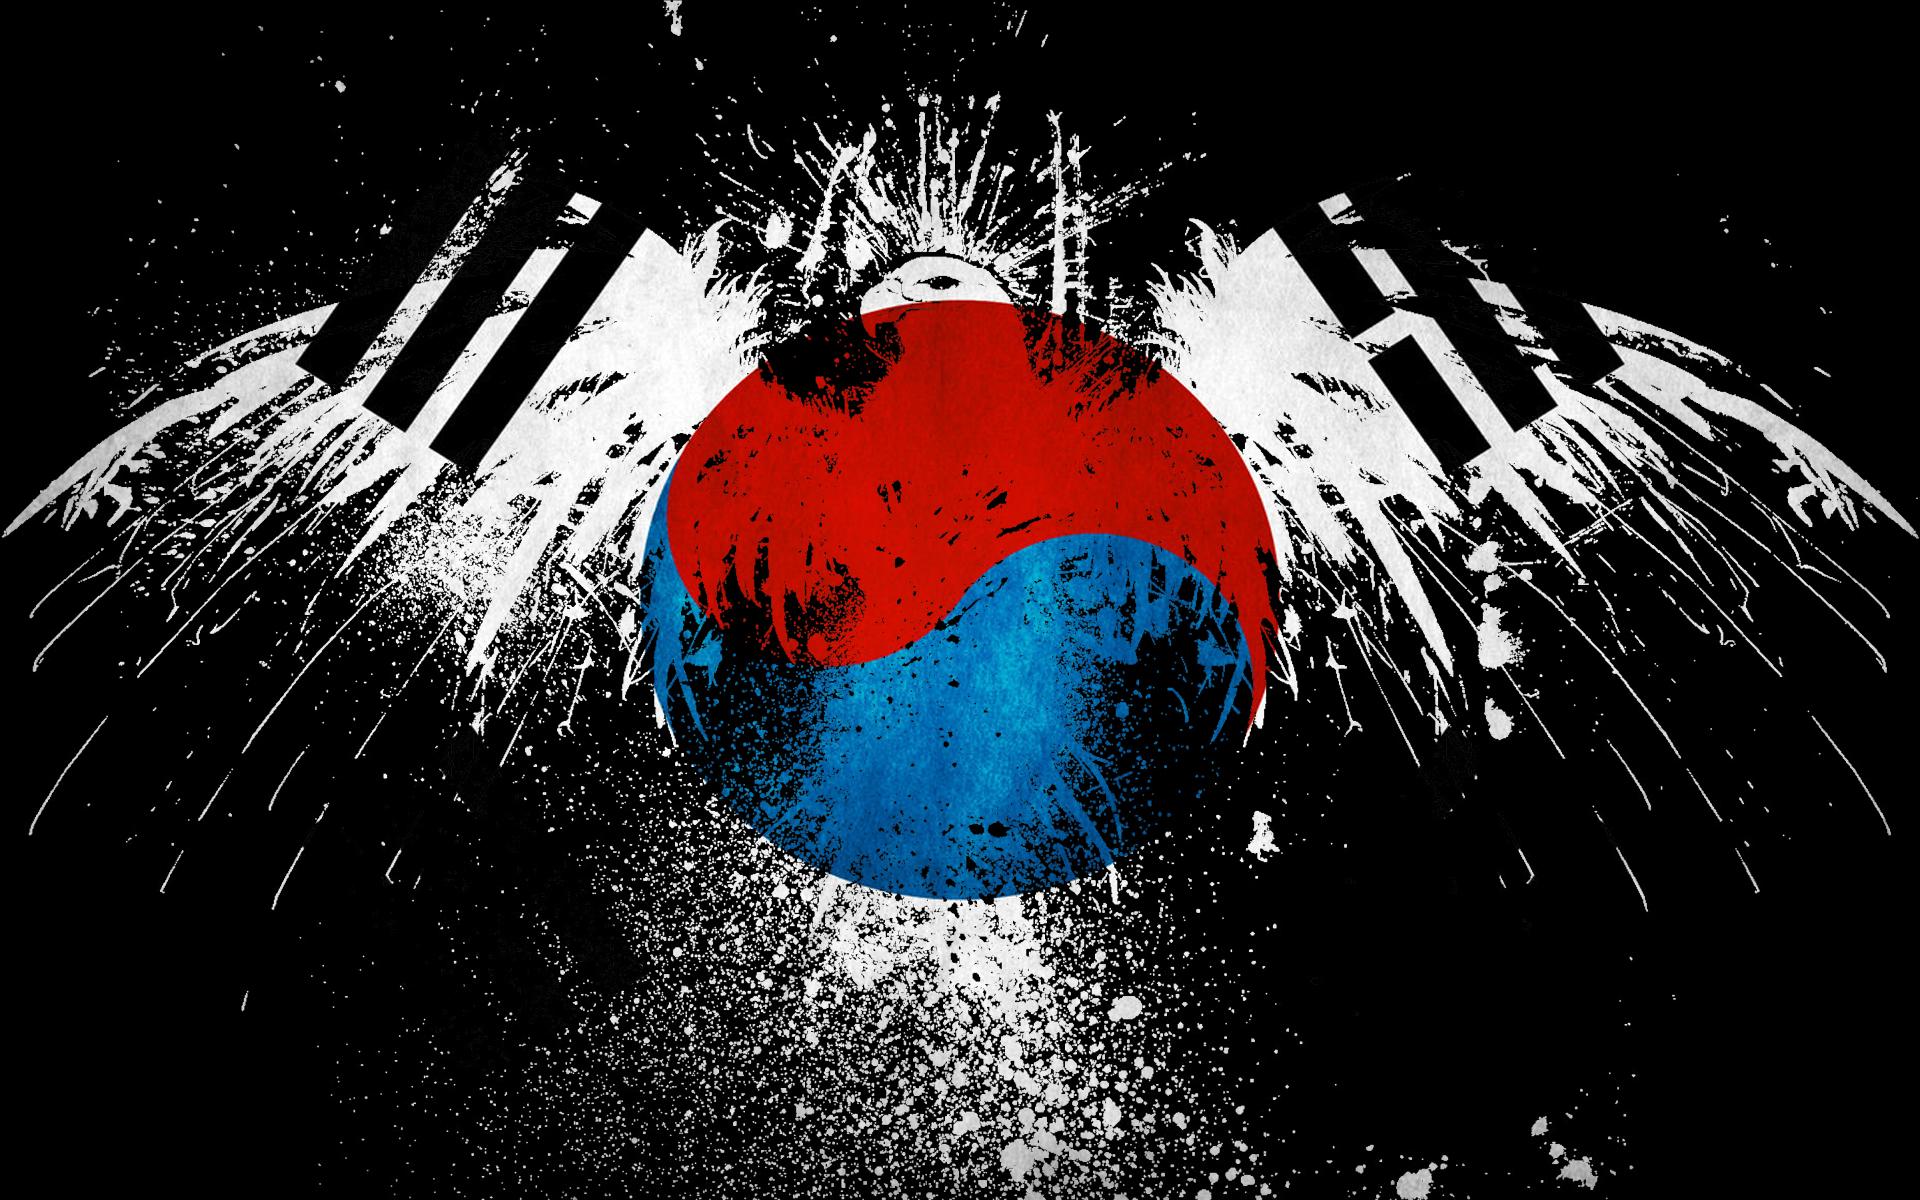 Korea Wallpaper: Korean Flag Wallpaper